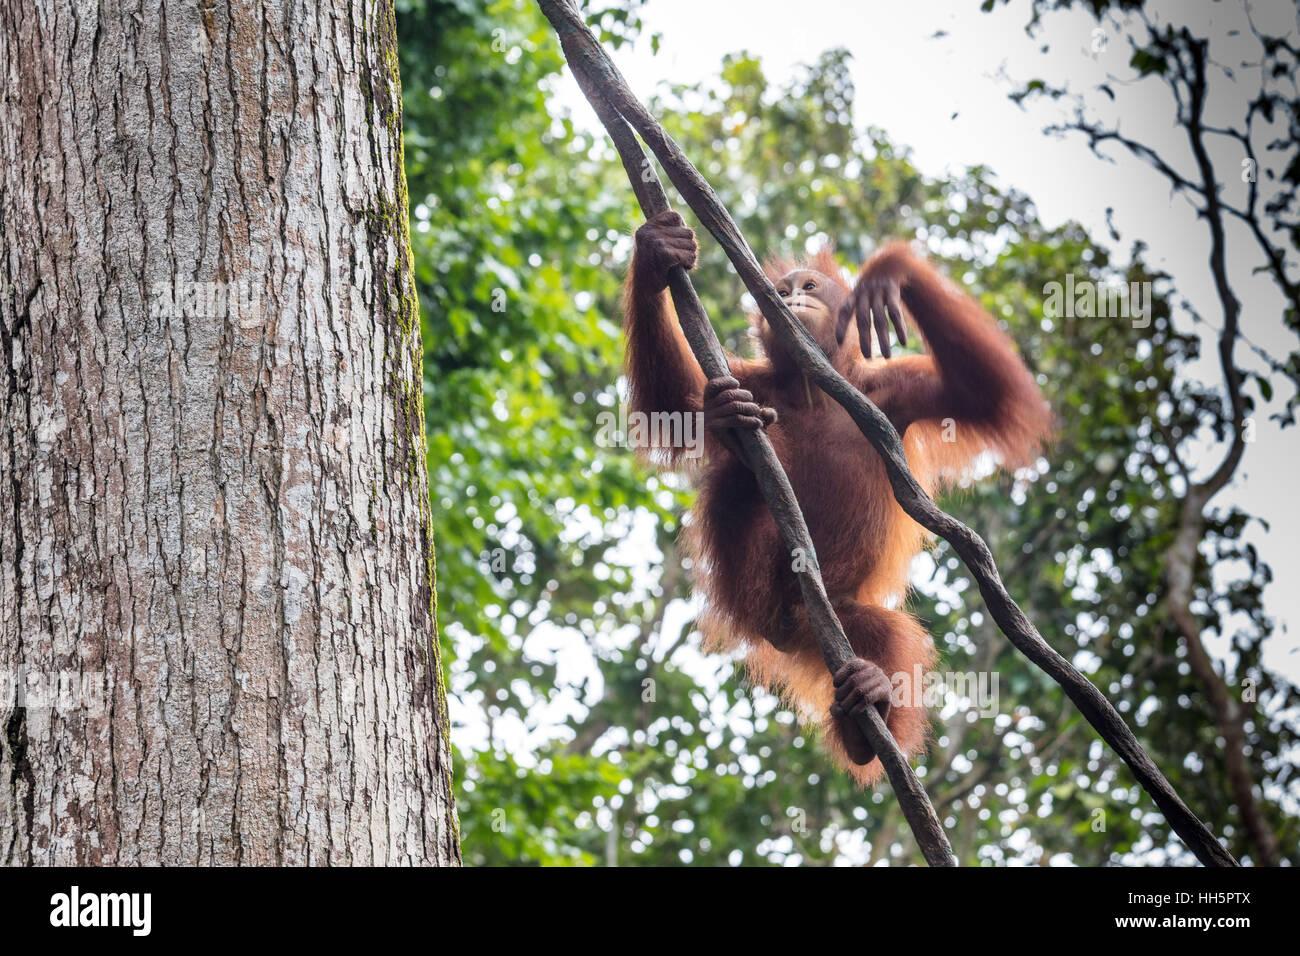 Oranguan jouant et se balancer de corde Banque D'Images